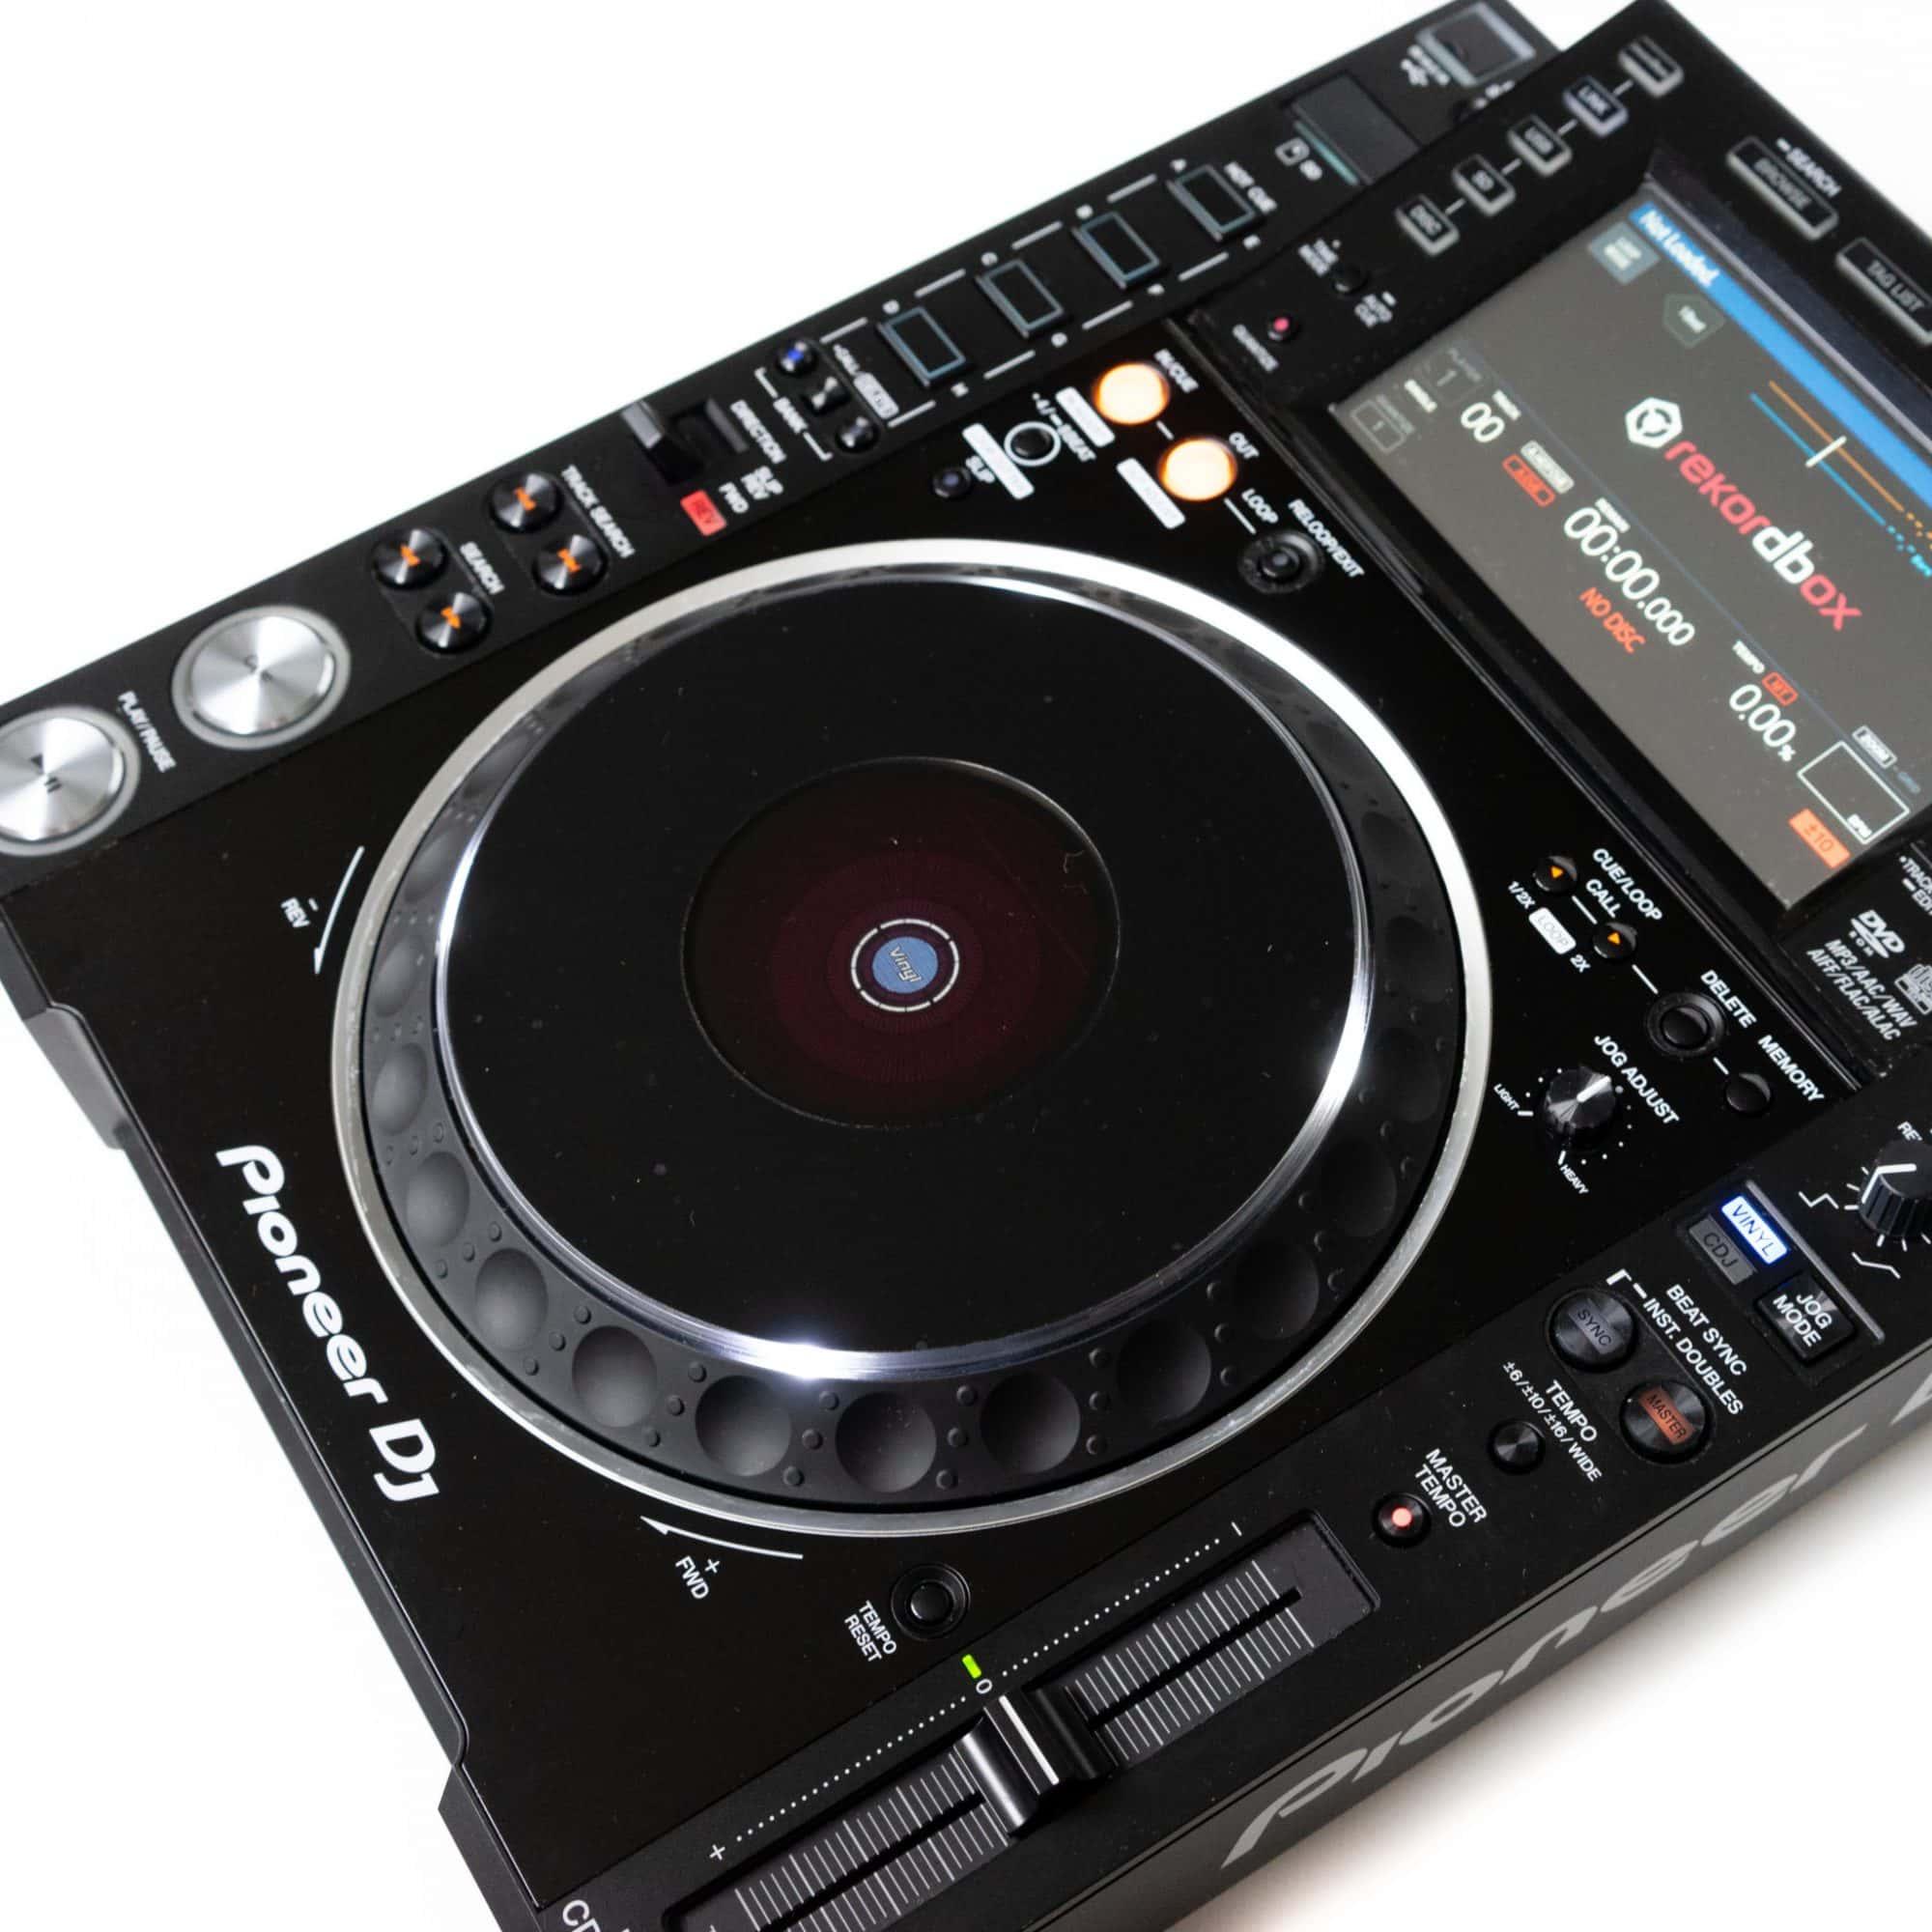 gebraucht kaufen Pioneer CDJ 2000 NXS2